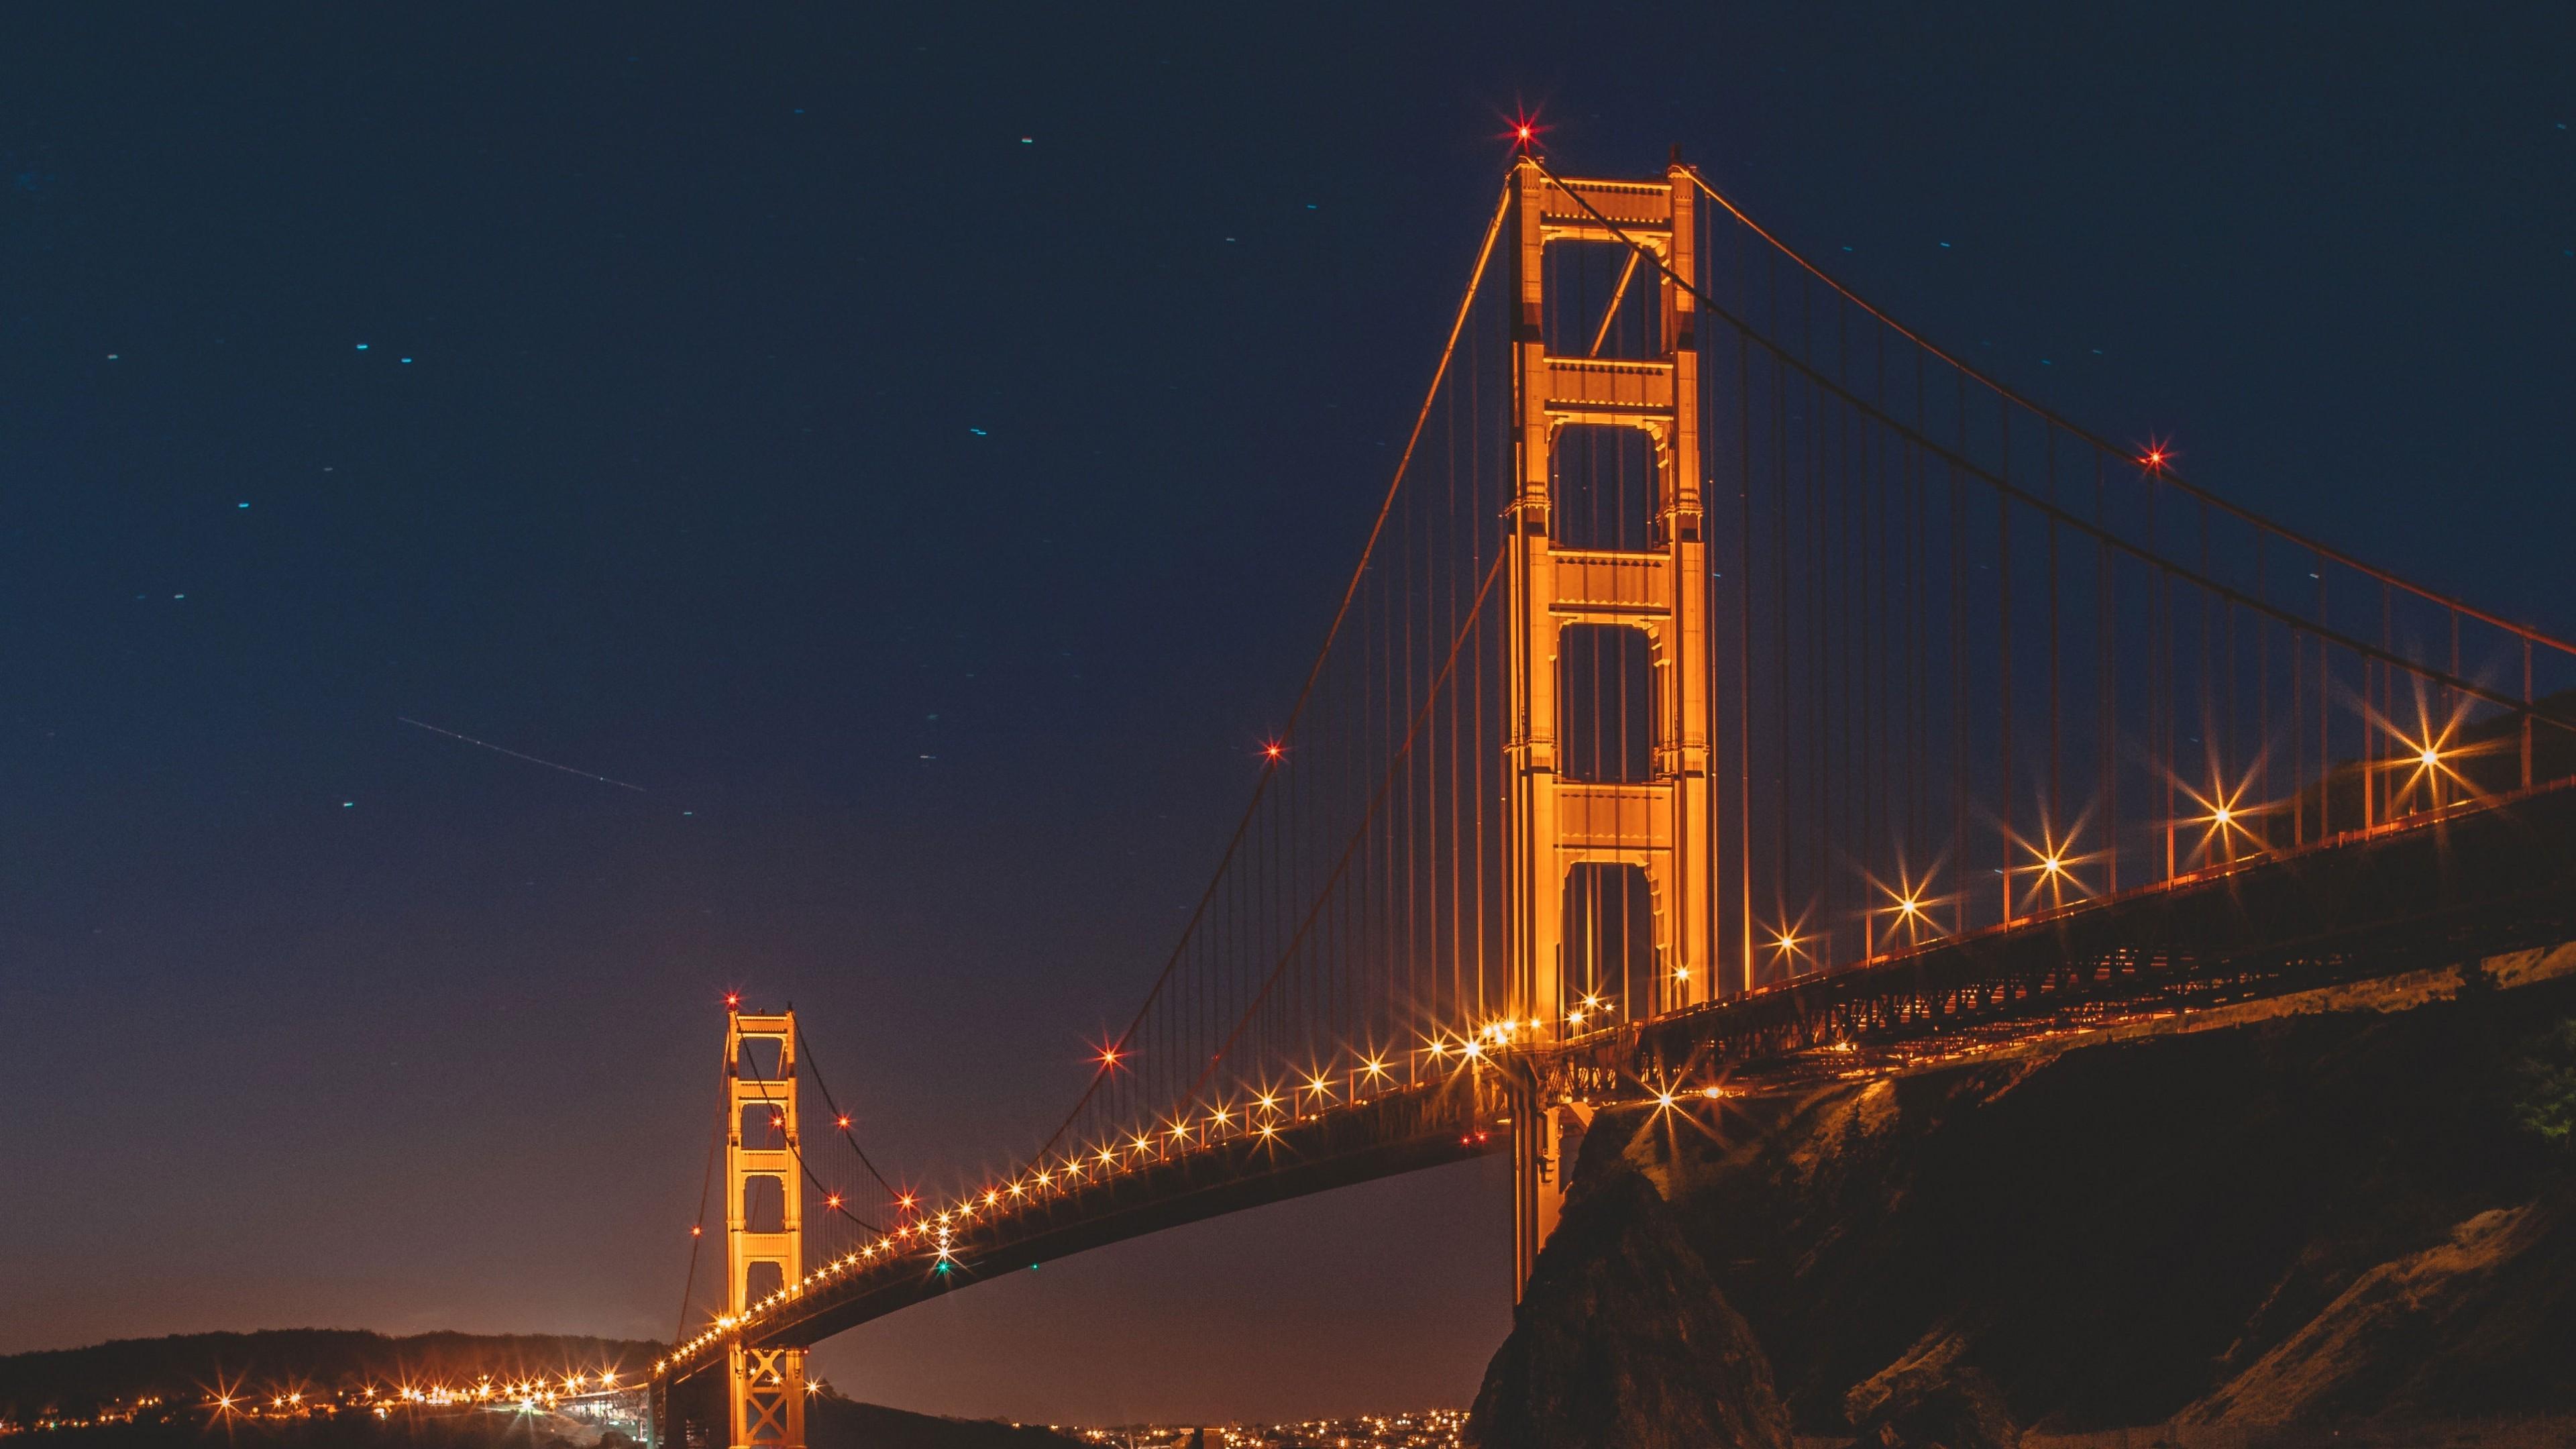 Мост Золотые ворота в огнях ночного звездного неба